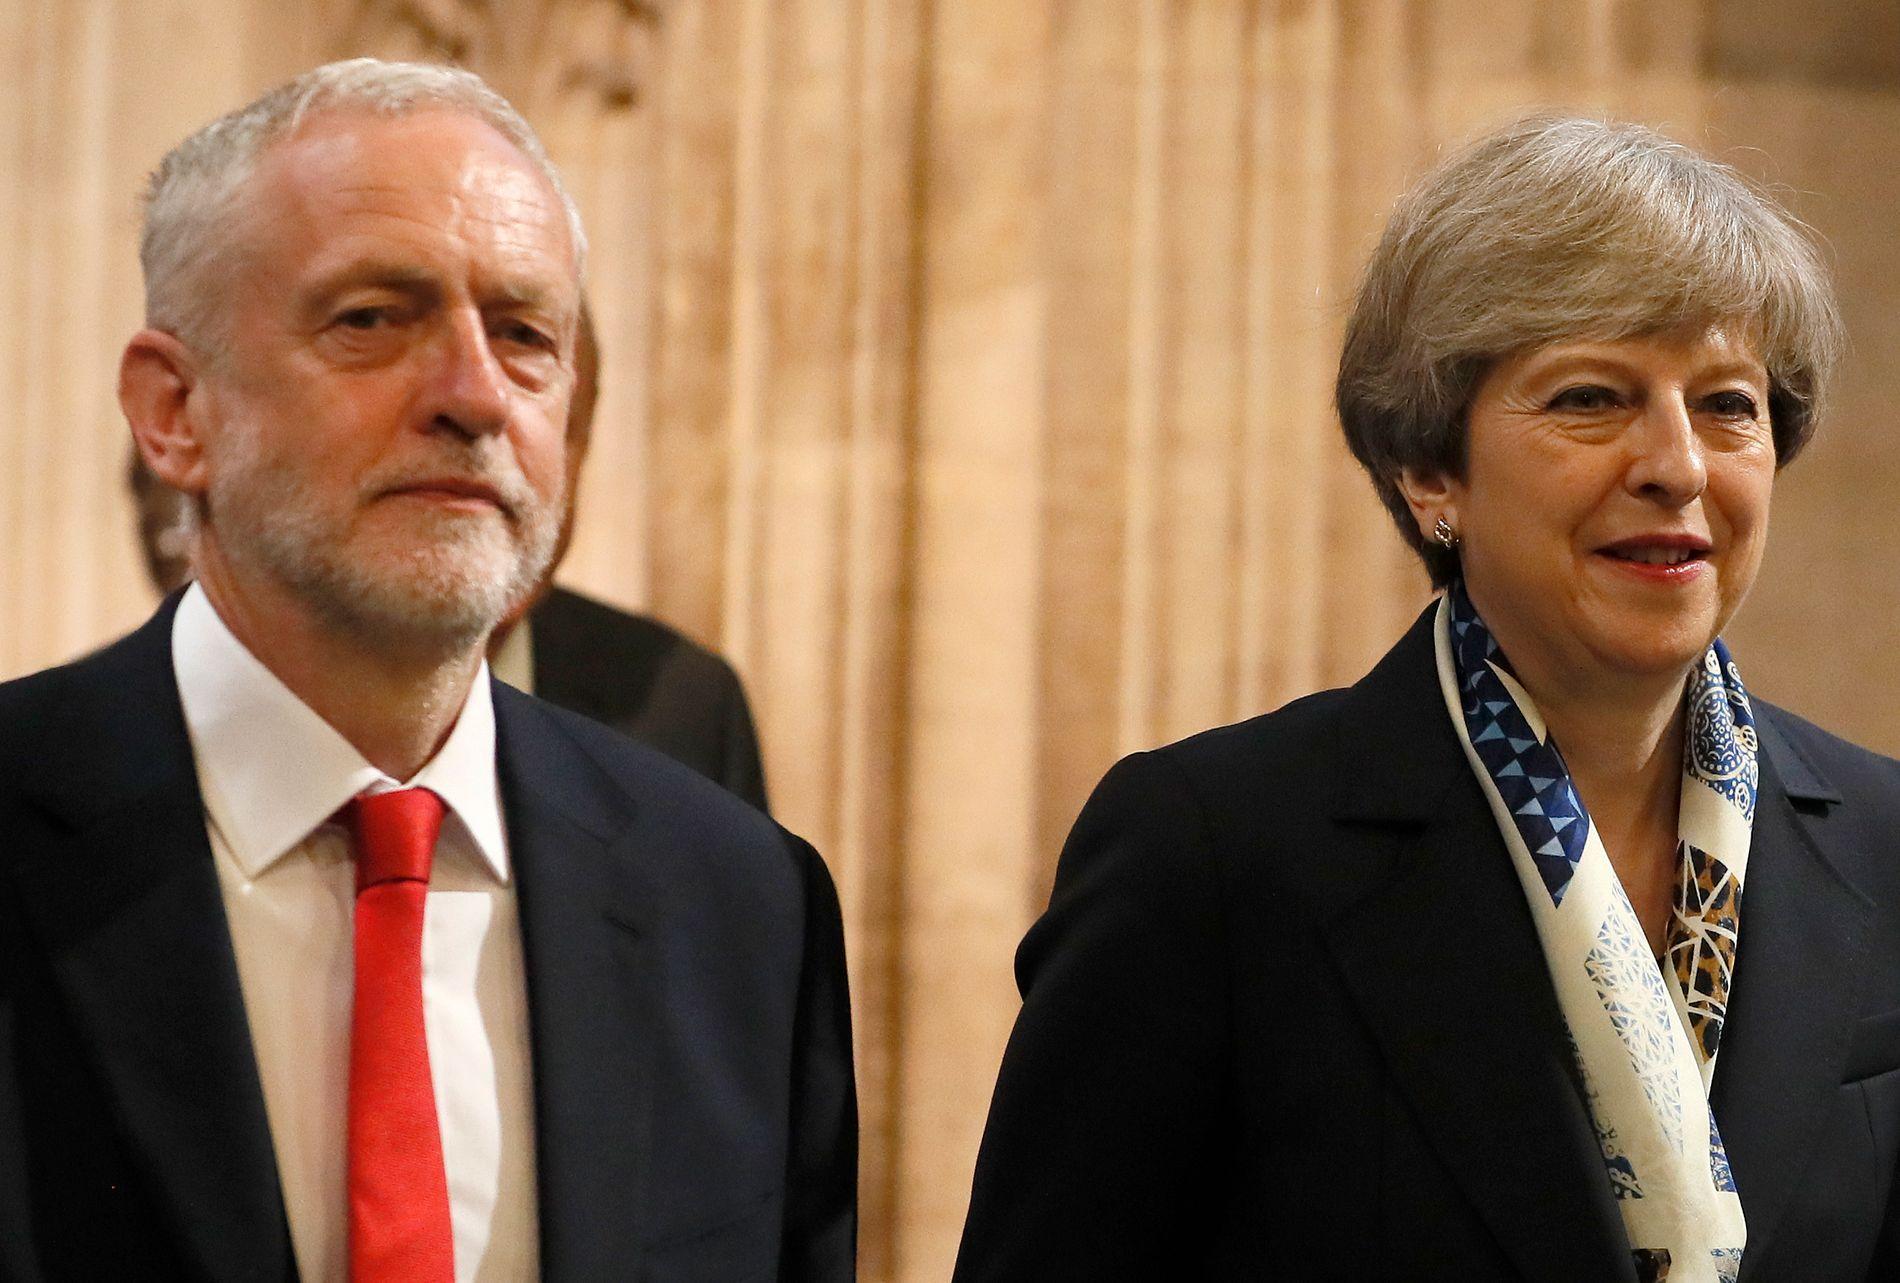 FELLES FRONT: Partilederne Jeremy Corbyn og Theresa May må finne en brexit-løsning i felleskap.